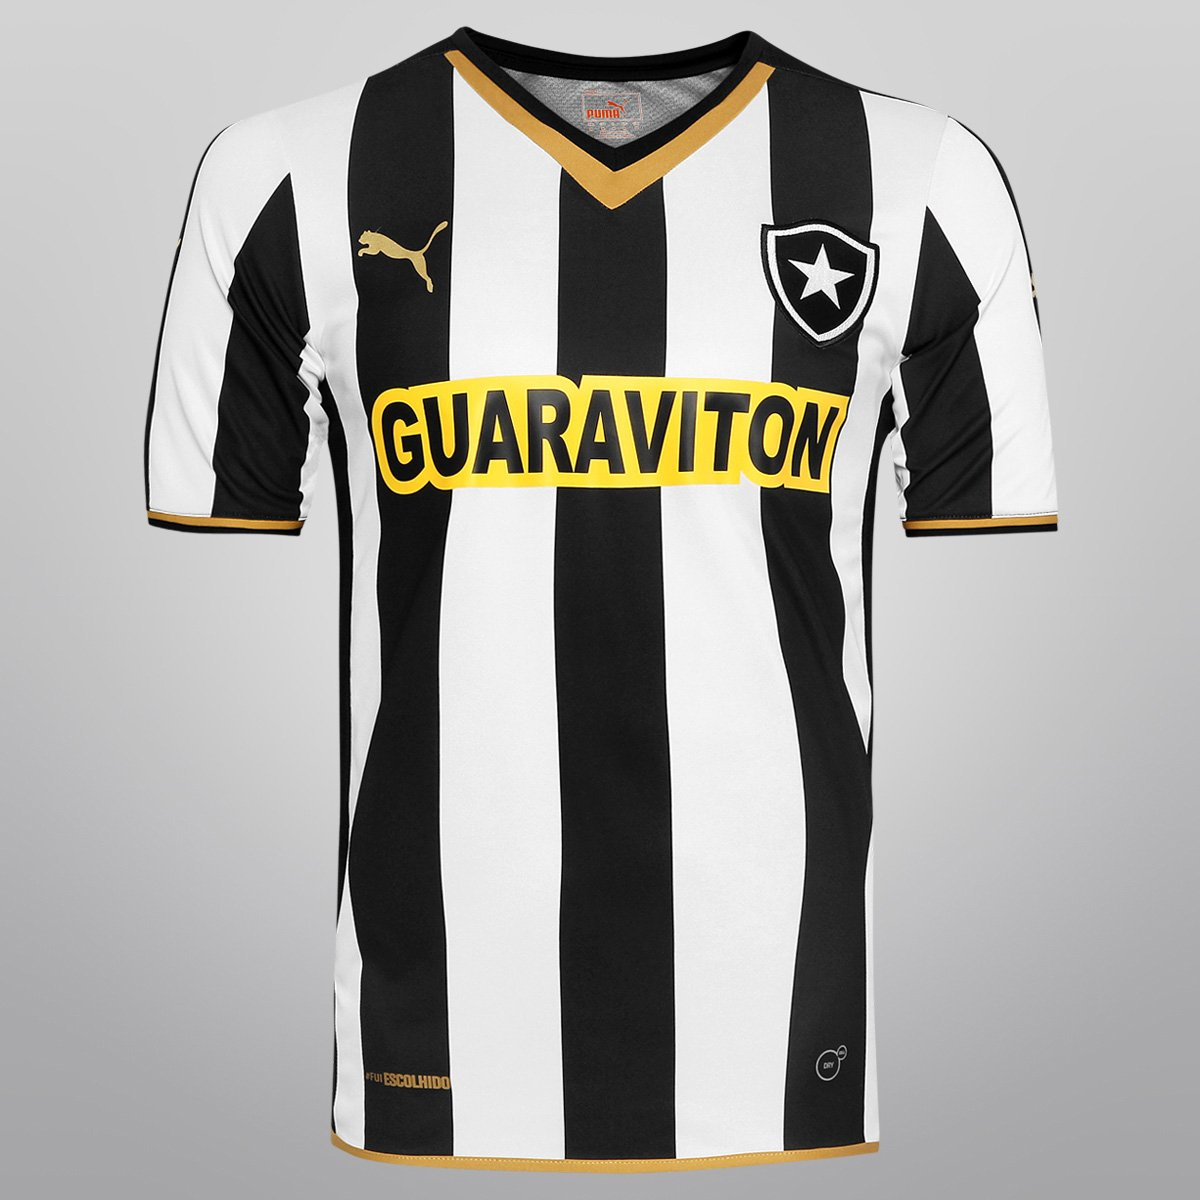 Camisa Puma Botafogo I 2014 s nº - Torcedor - Compre Agora  b4cc9212f38d8